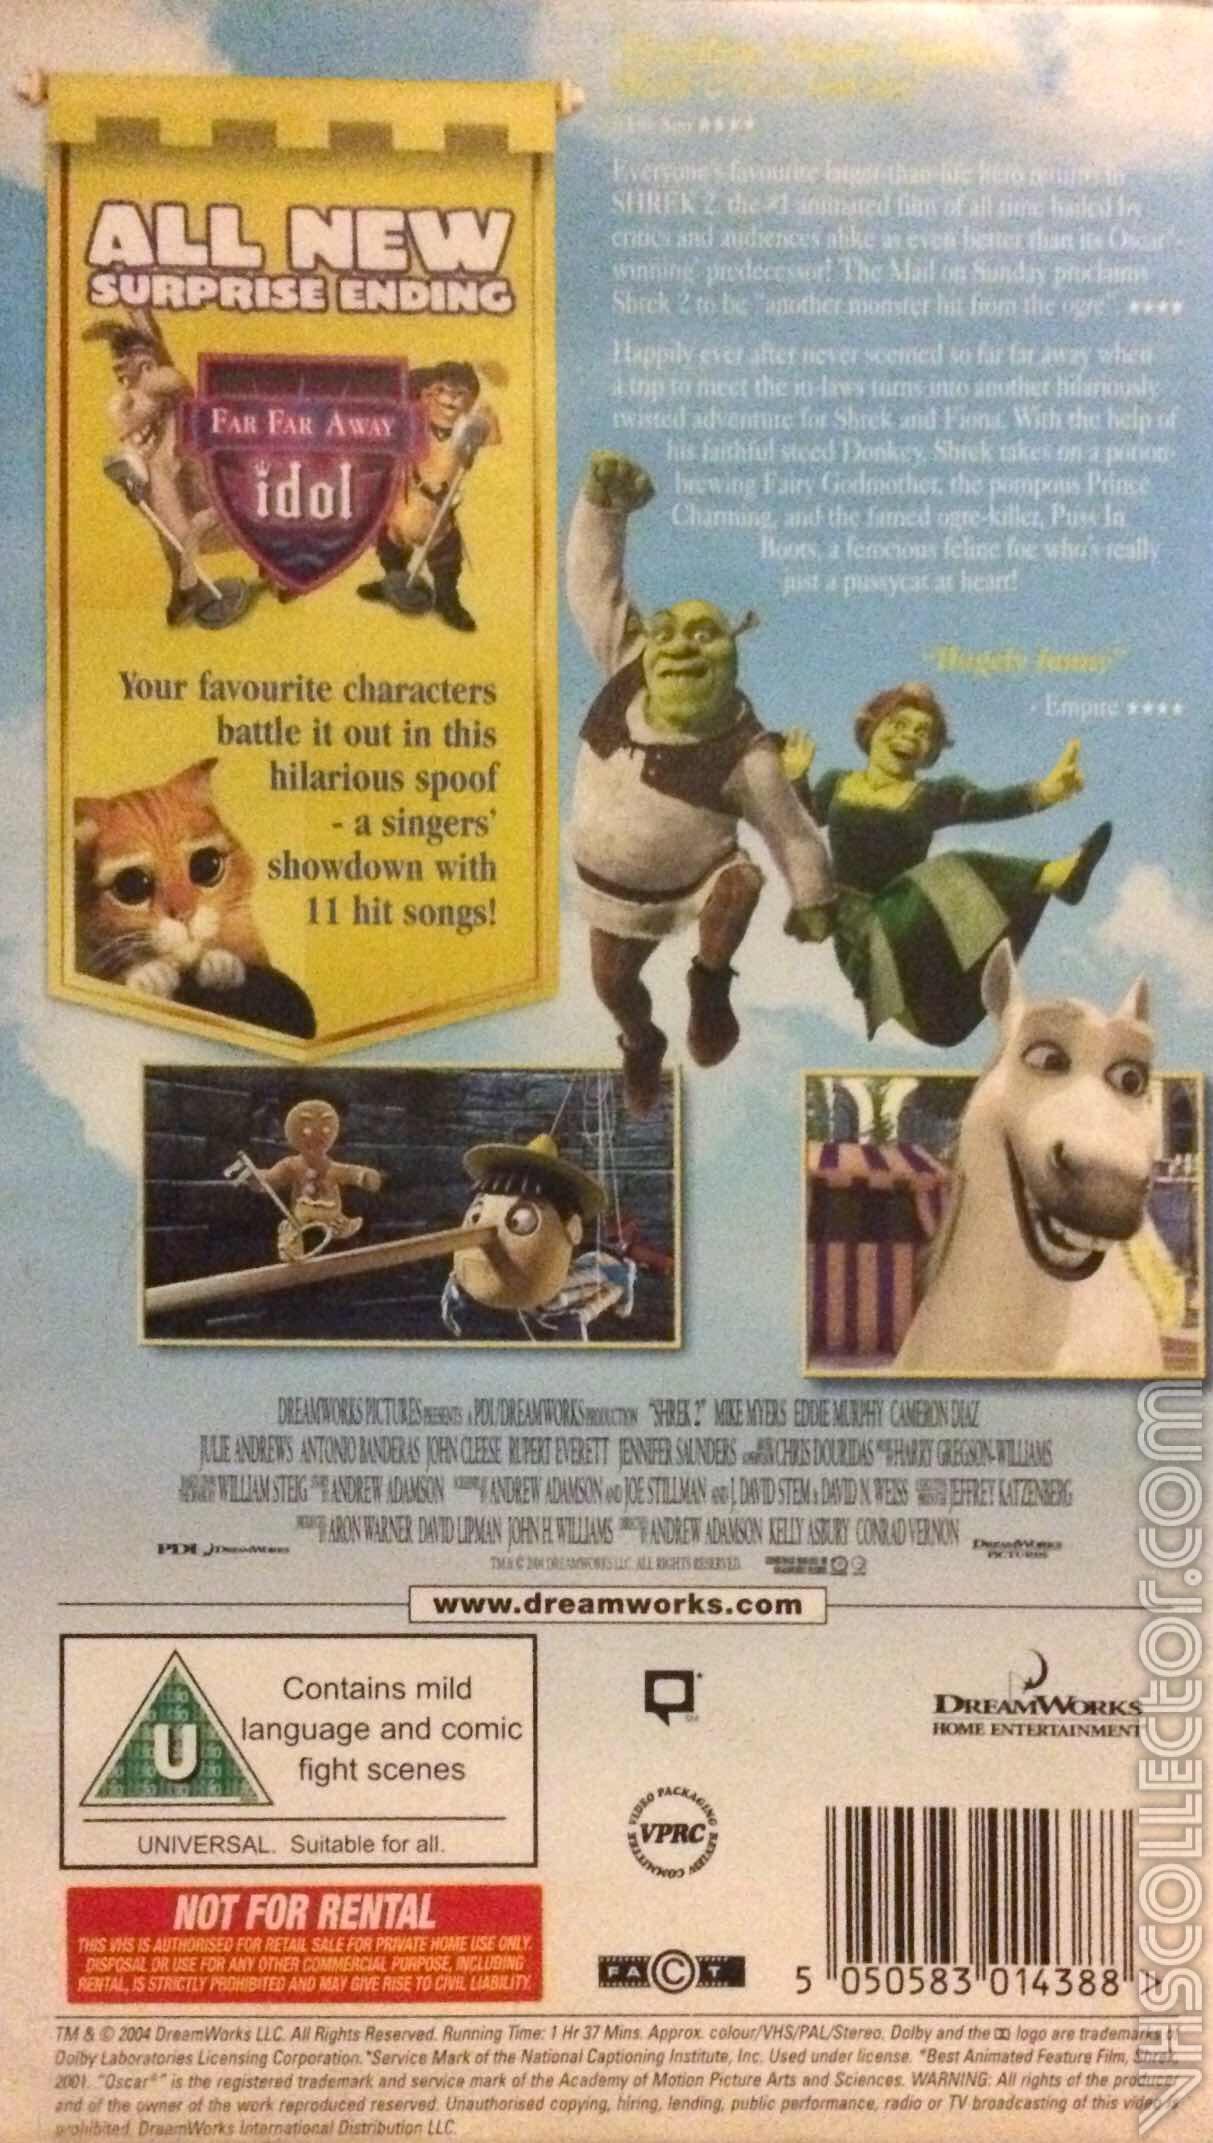 Shrek 2 Vhscollector Com